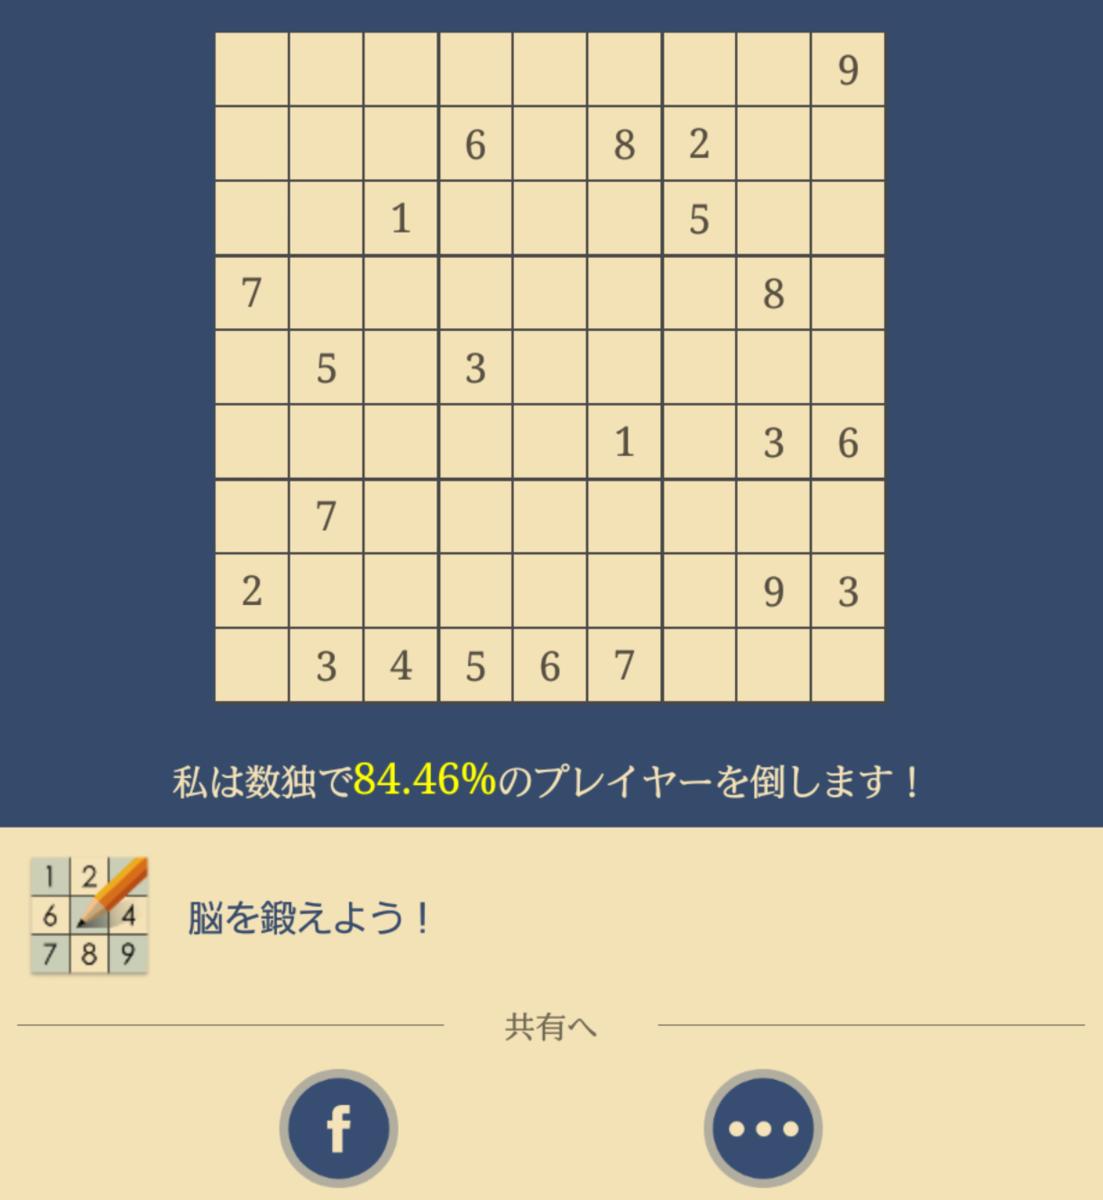 f:id:ama-shinon:20210518033931p:plain